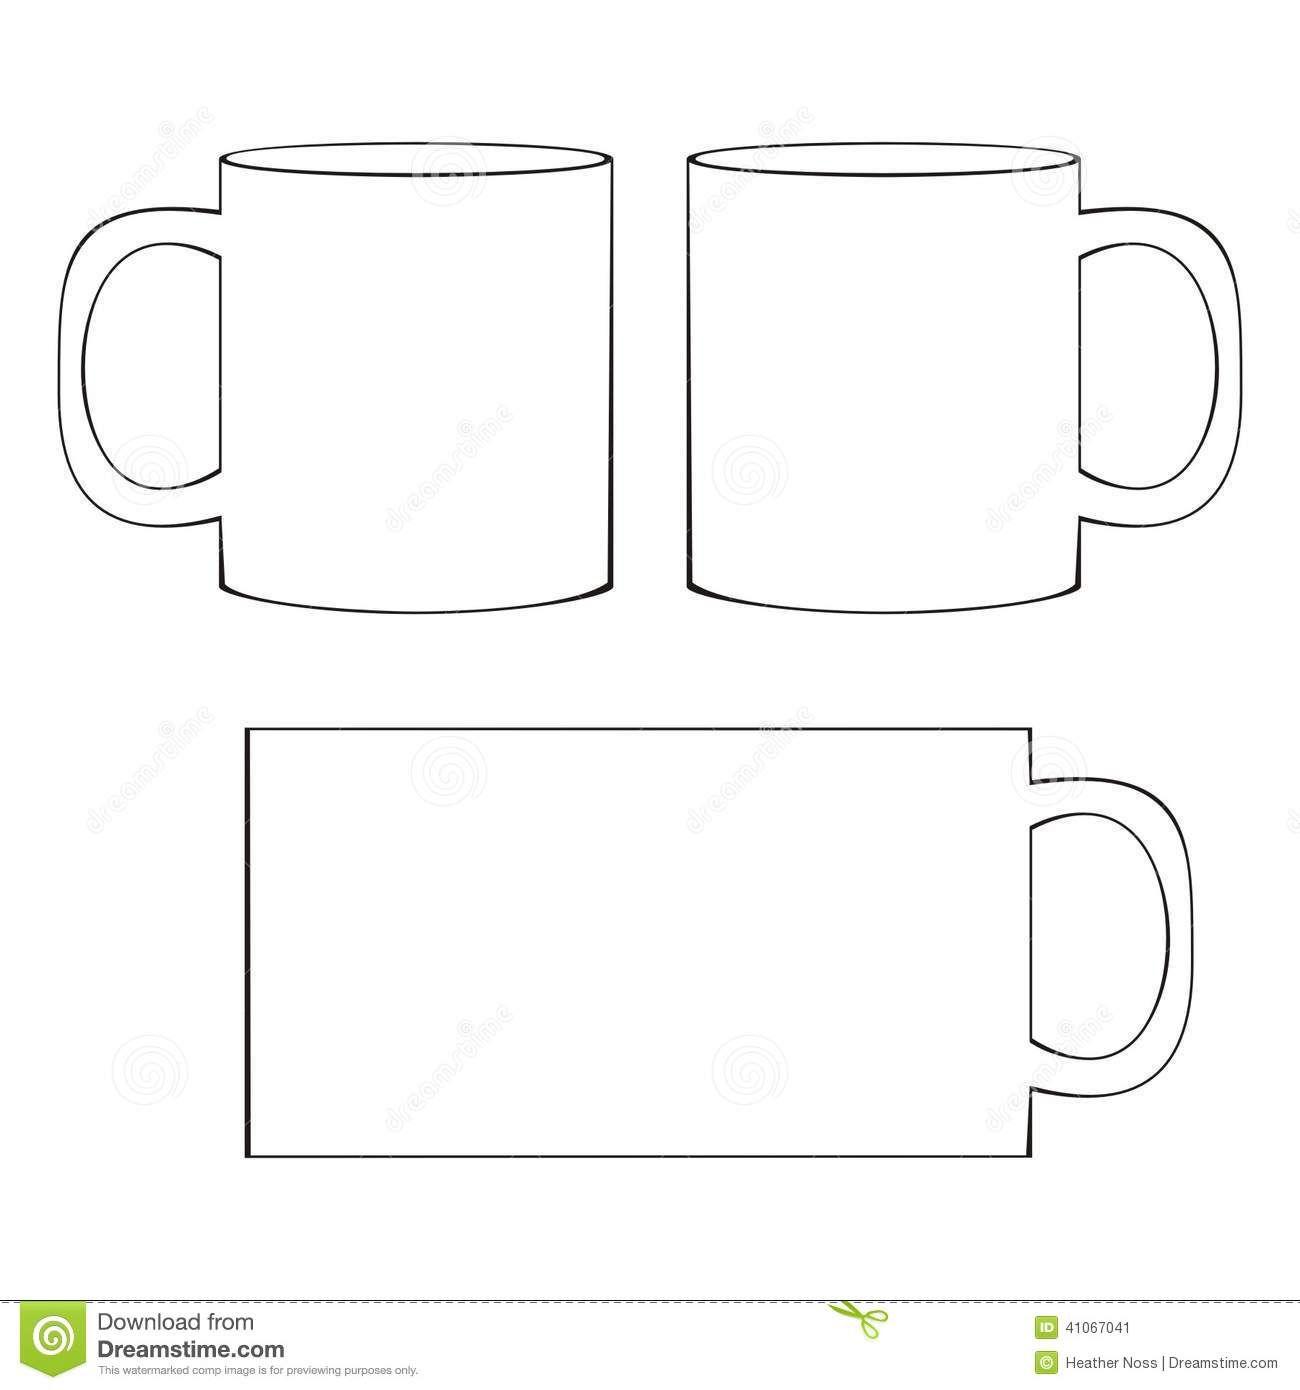 image regarding Printable Coffee Mugs identified as Espresso Cup Template Printable Printable Espresso Mug